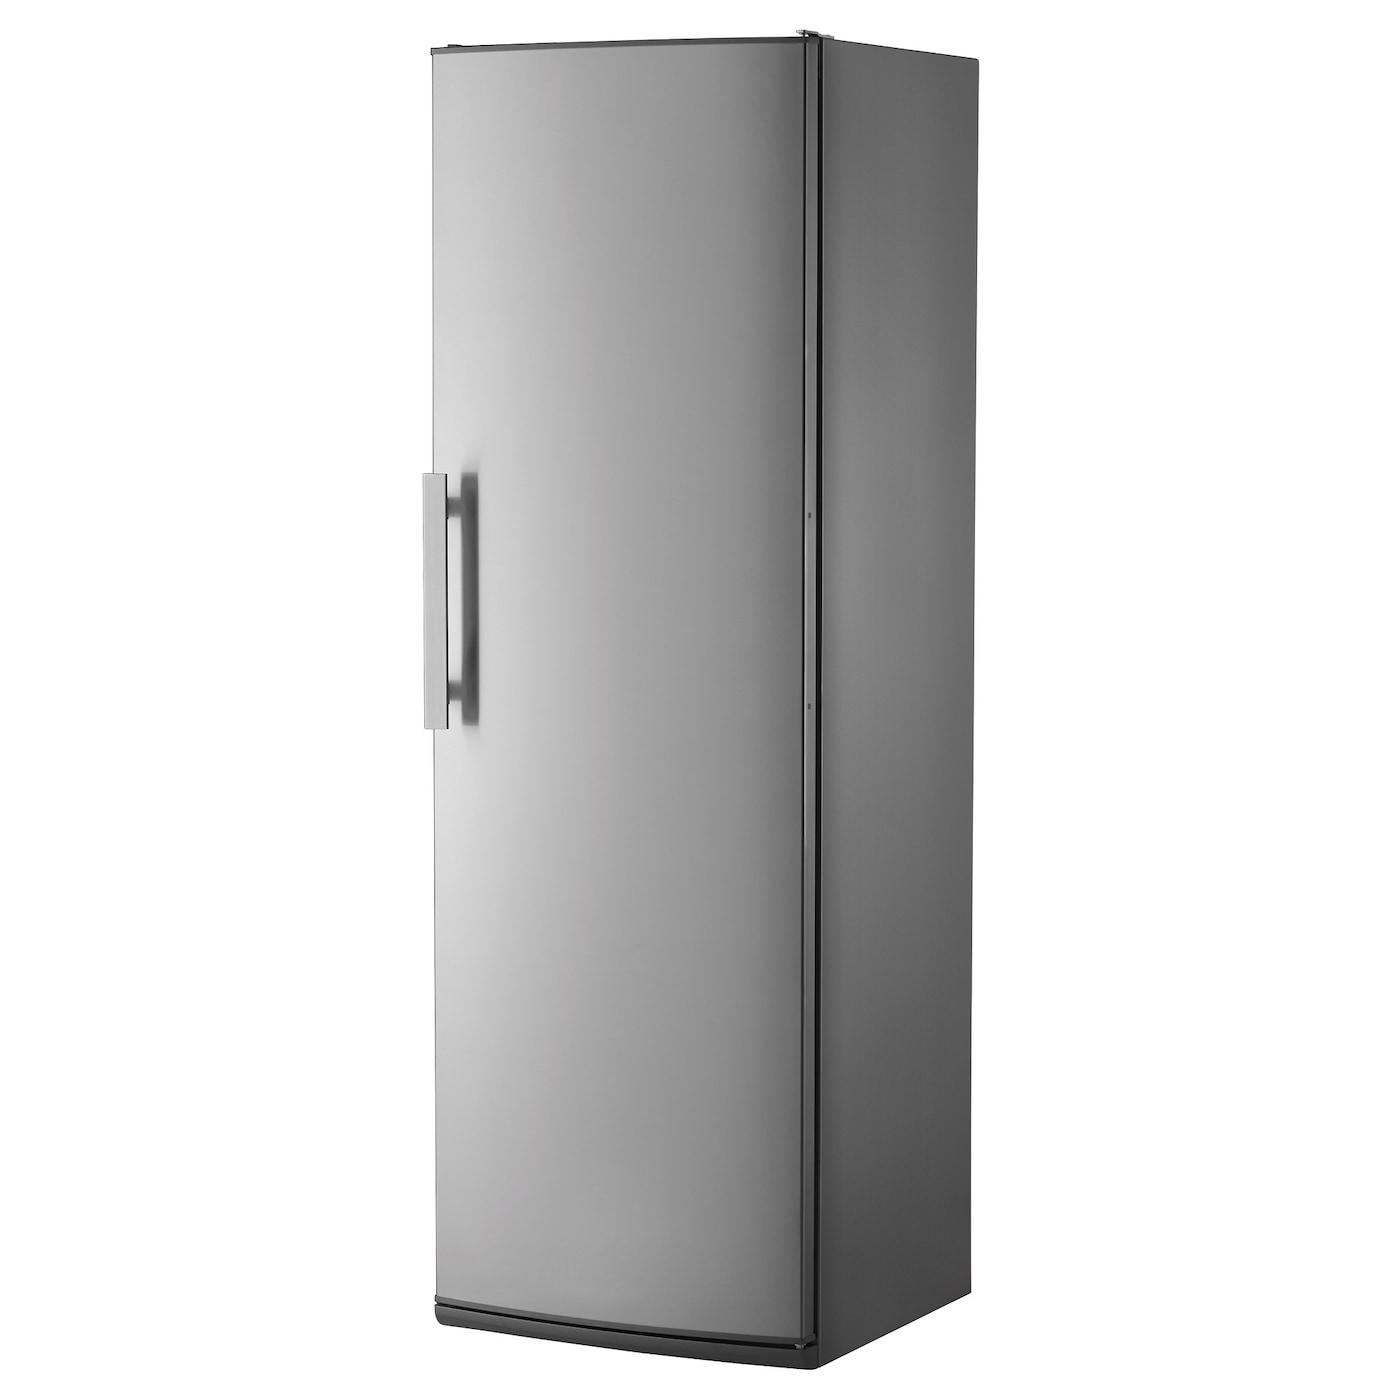 TILLREDA Kühlschrank A+ - IKEA